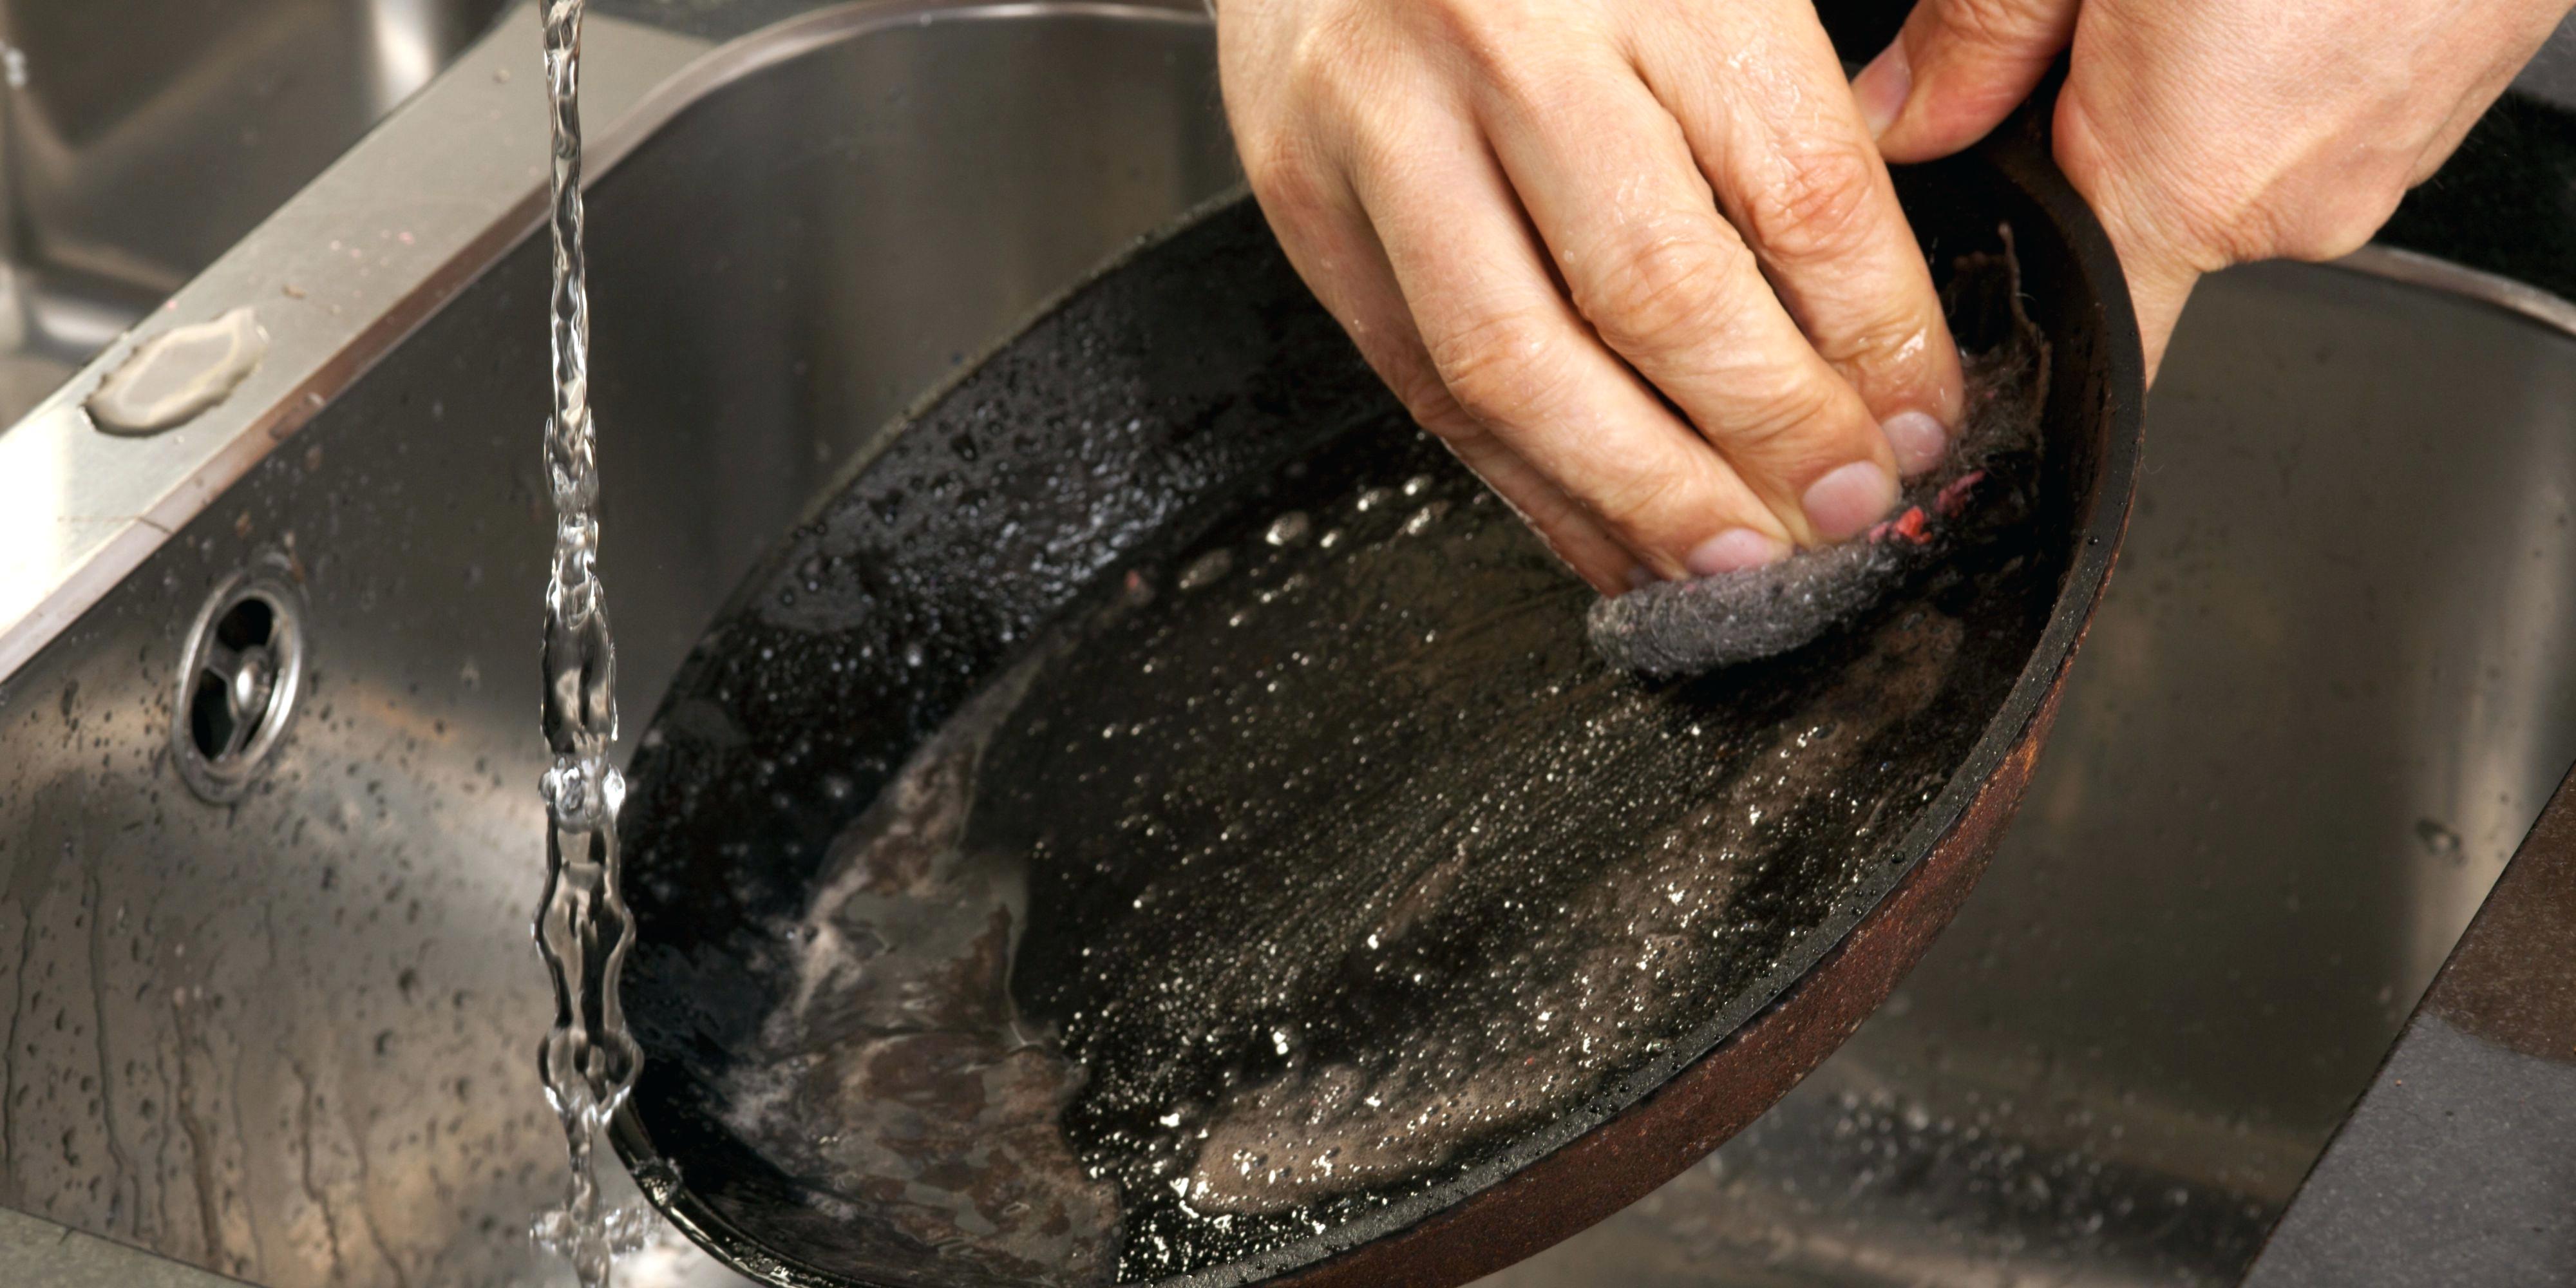 очистка чугунной сковороды от нагара